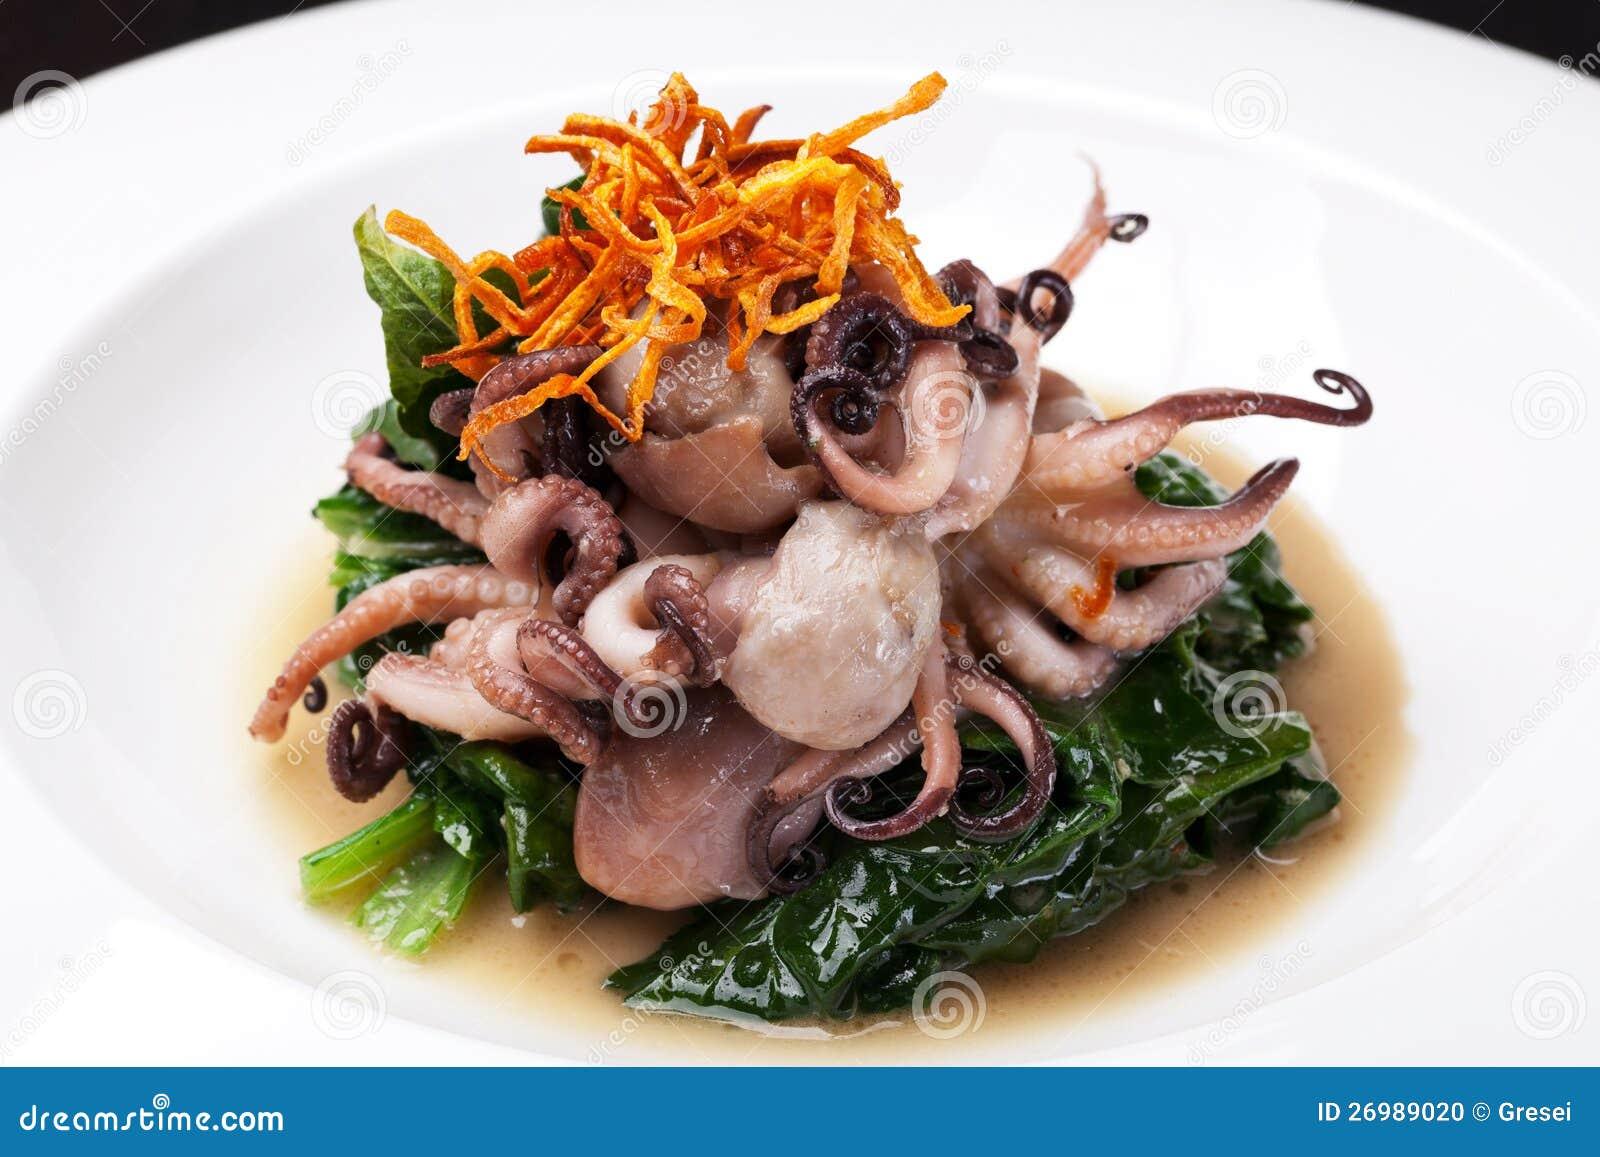 how to cook calamari rings and tentacles